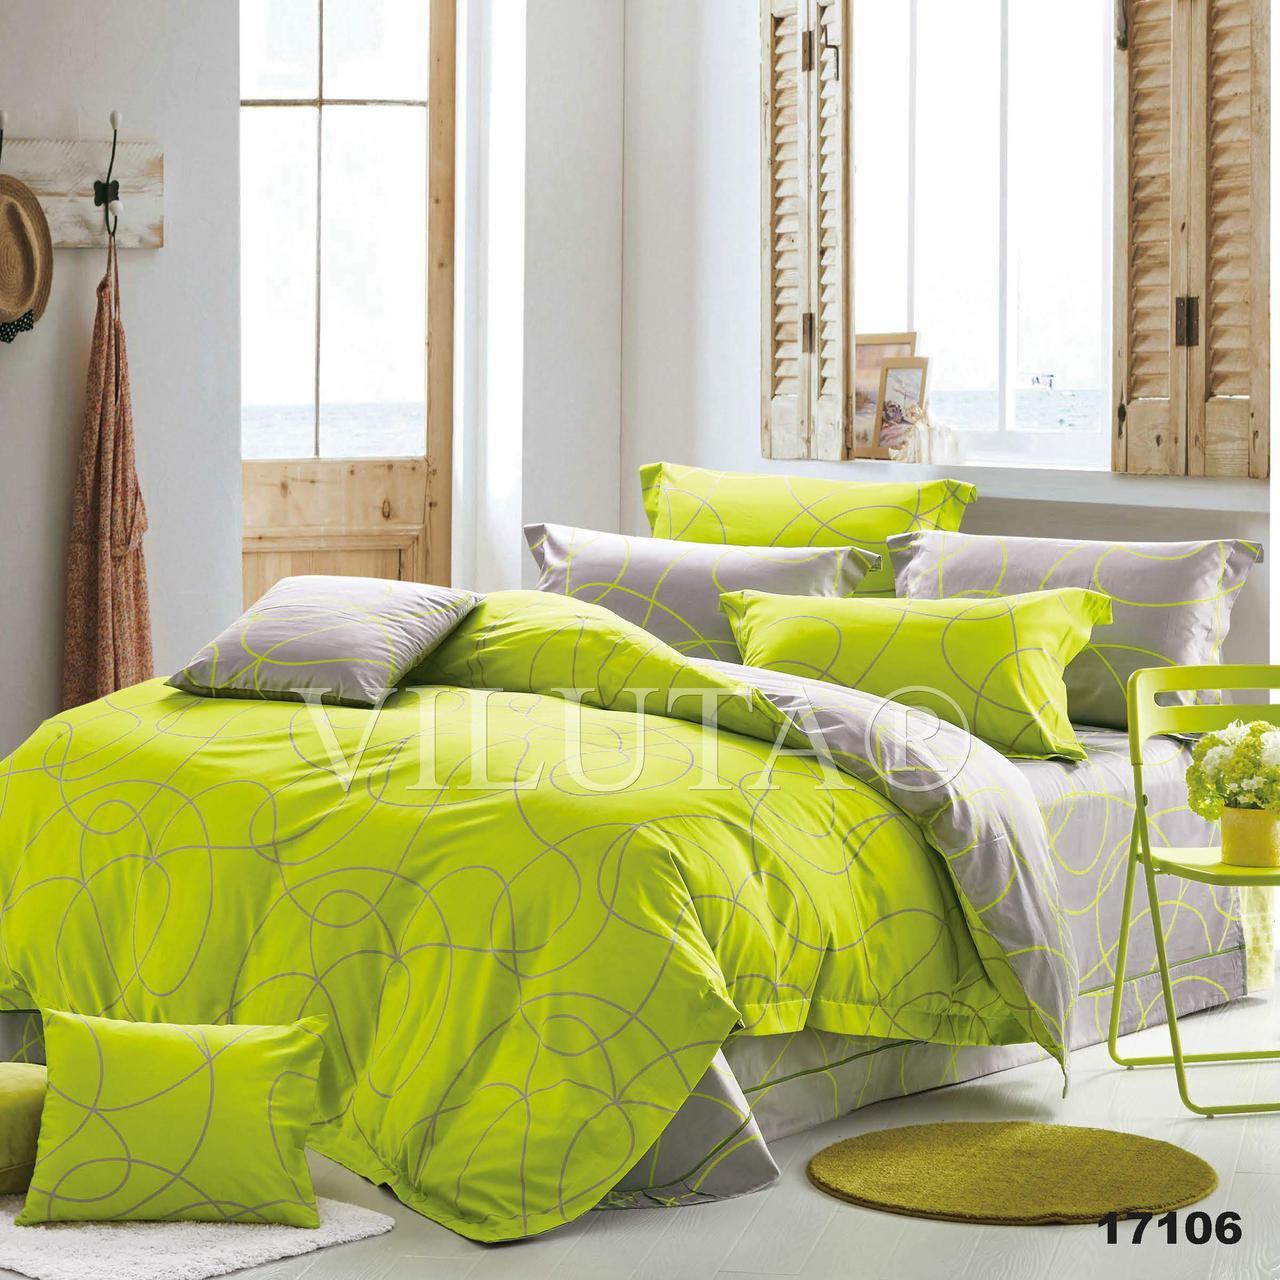 17106 Семейное постельное белье ранфорс Viluta